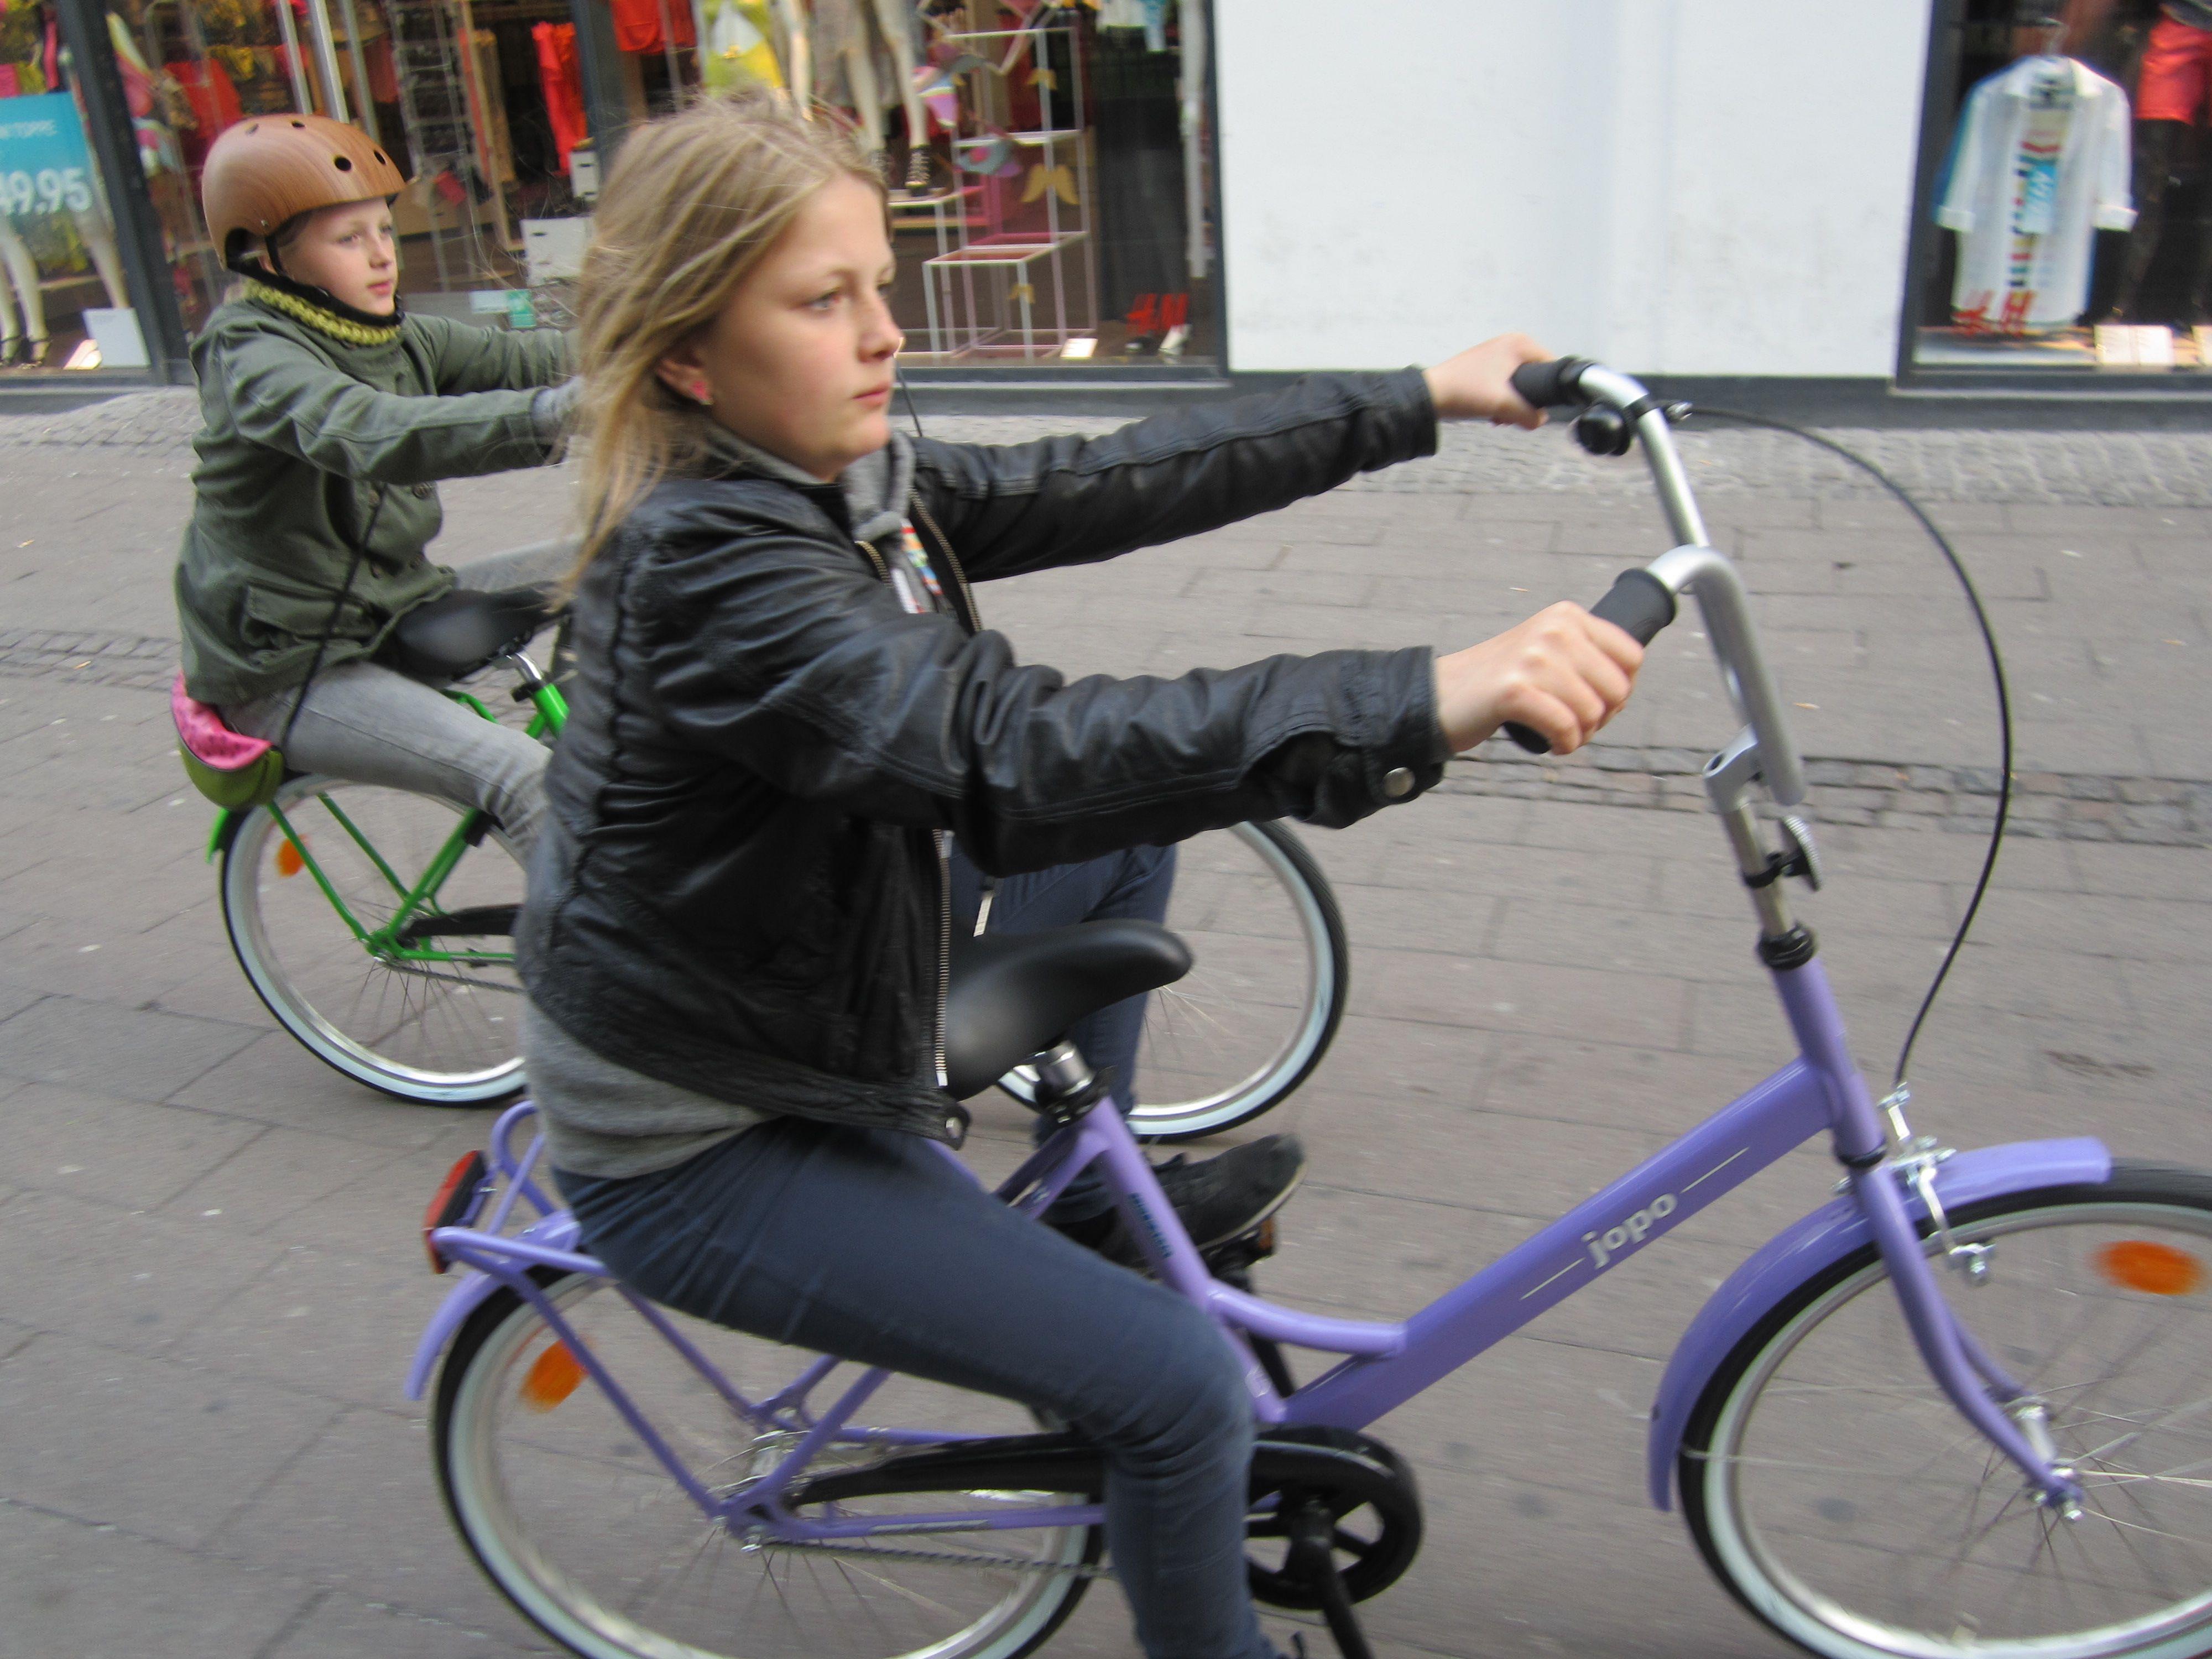 størrelse på cykel